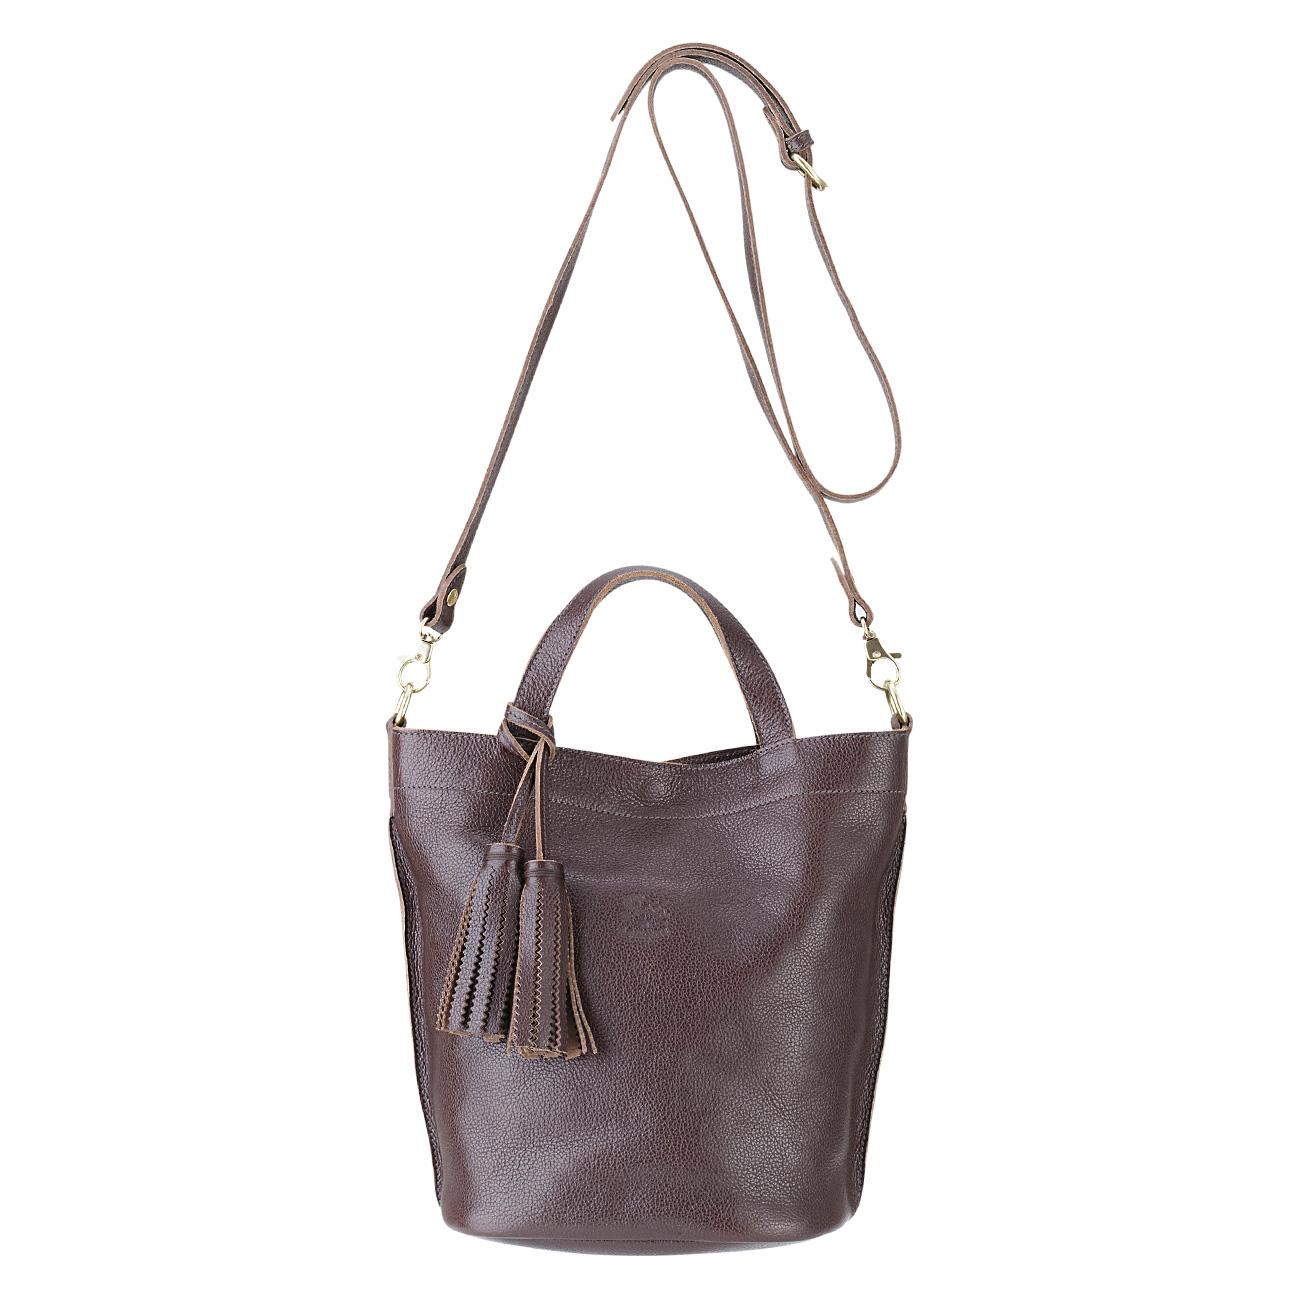 ハンドバッグ(イルビゾンテ)Leather Bag